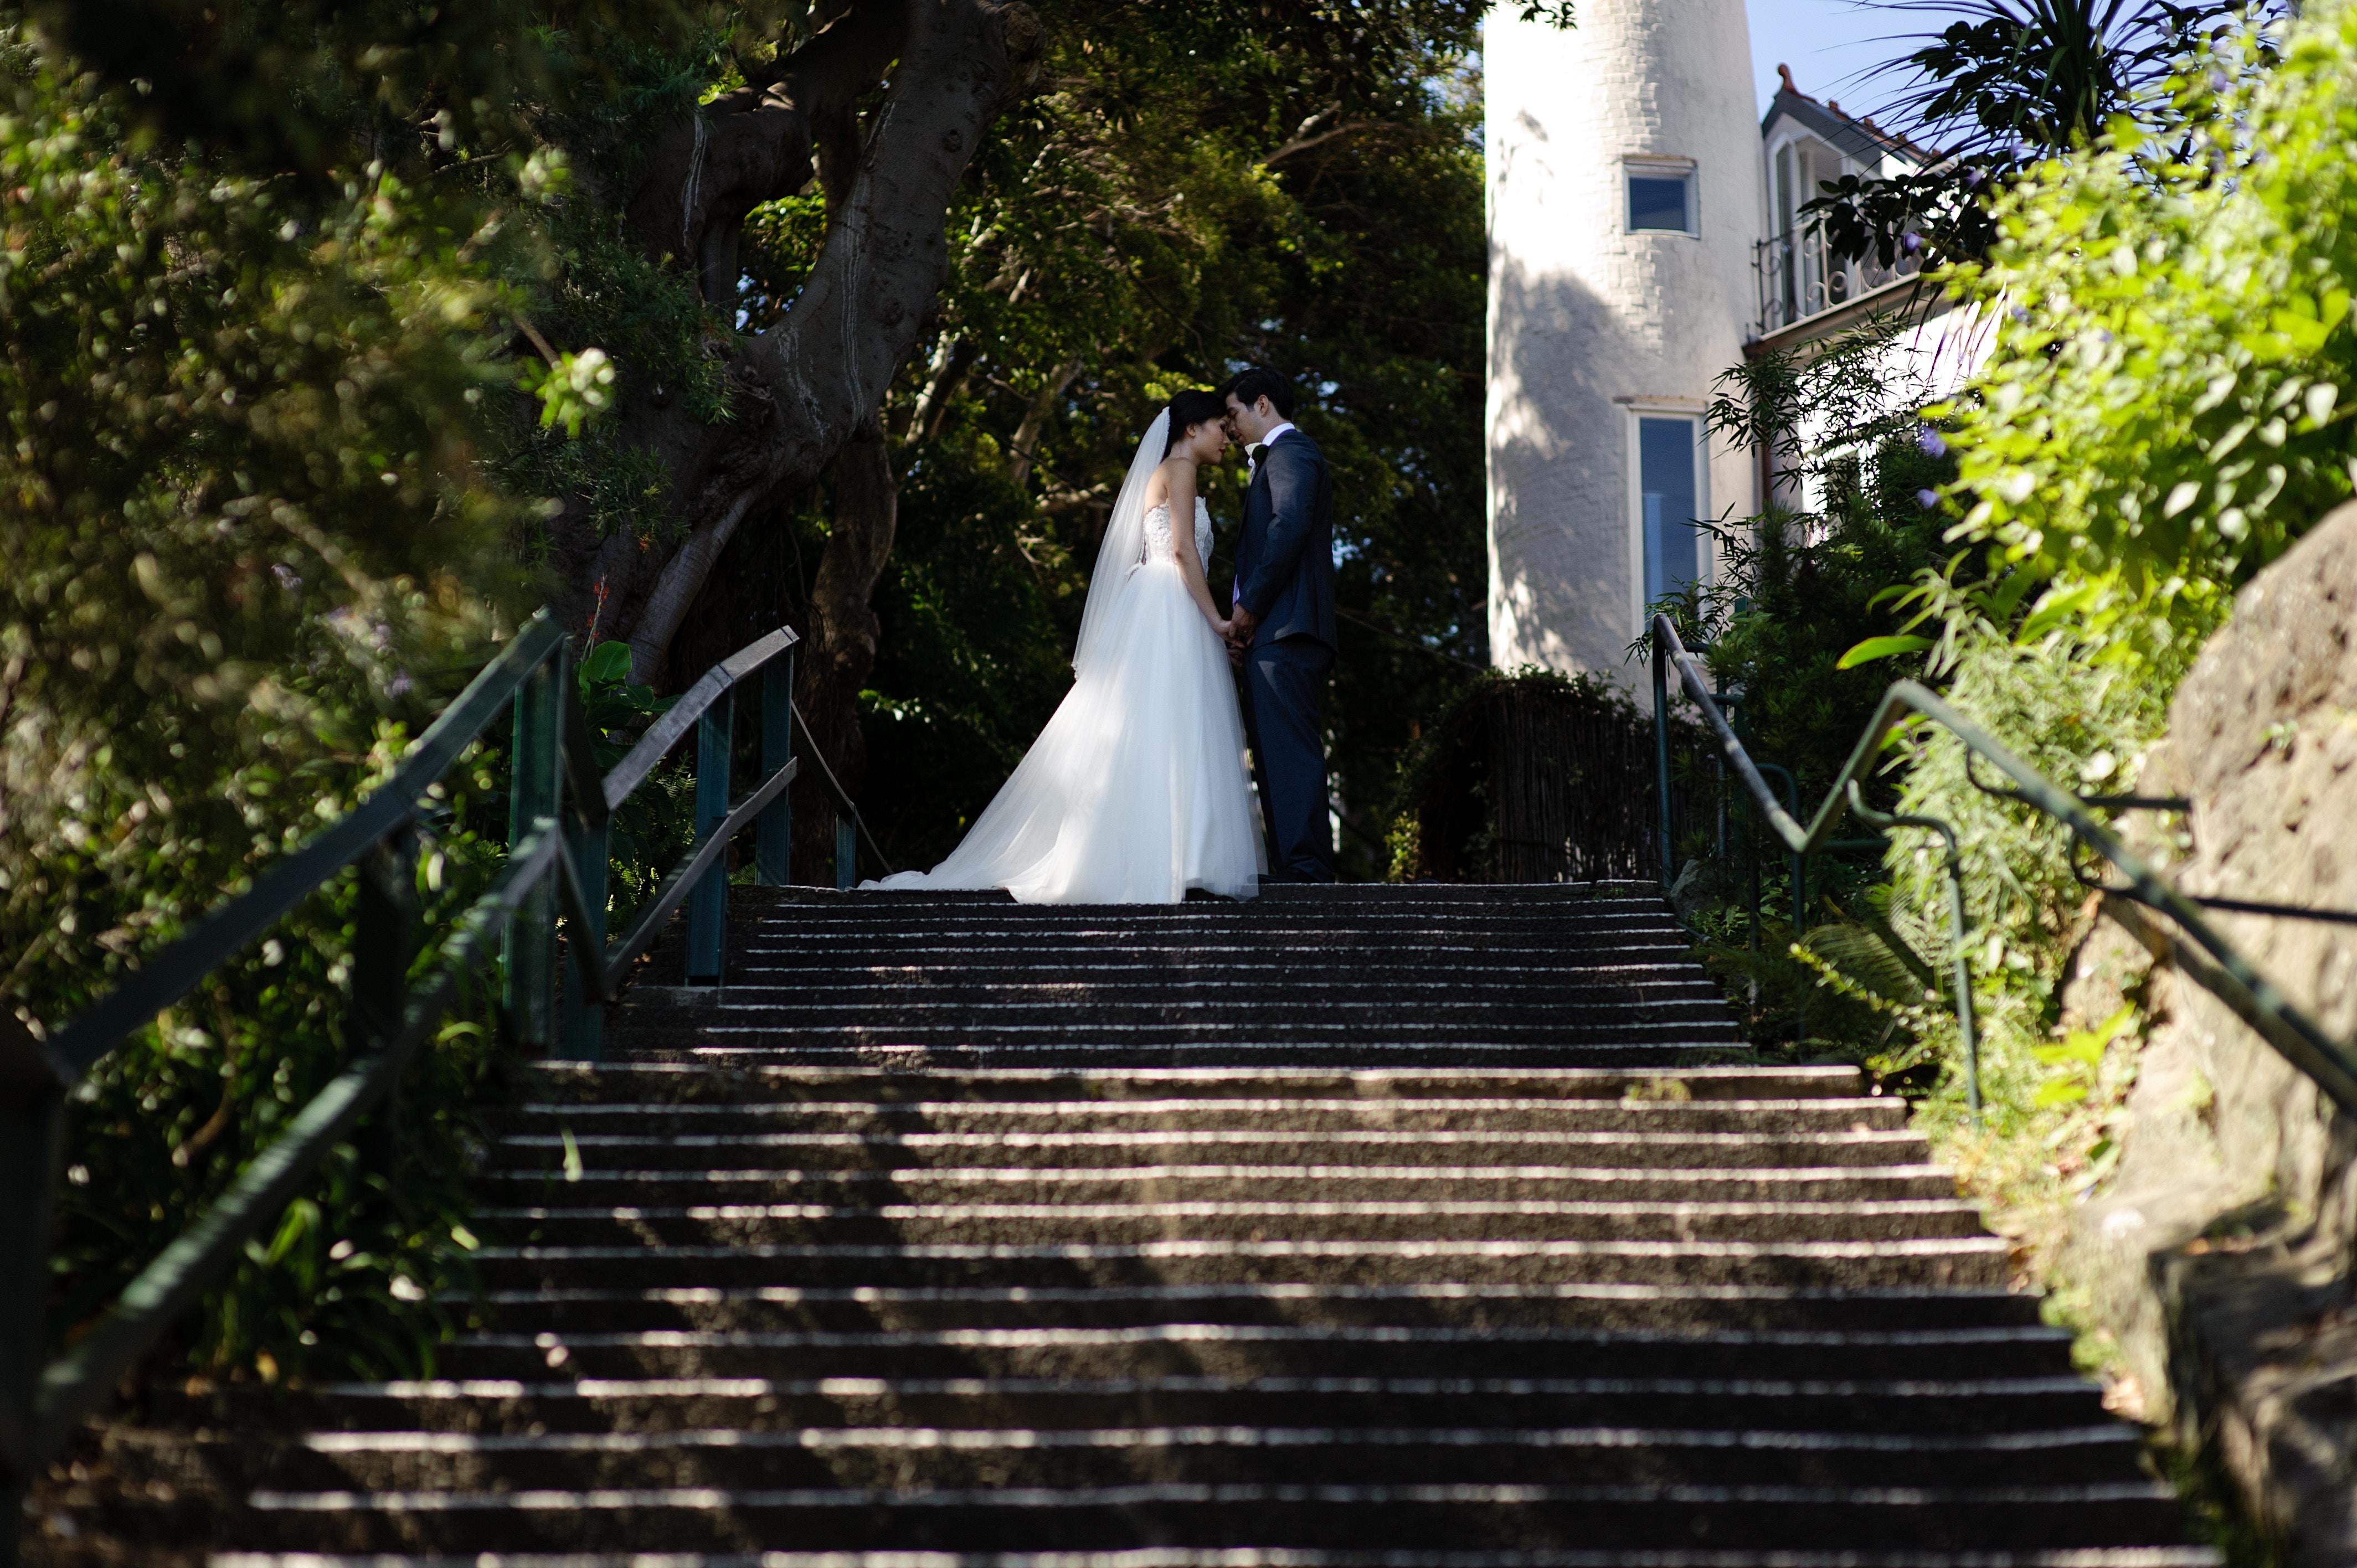 טקס חתונה ריבוני בקיבוץ משעול